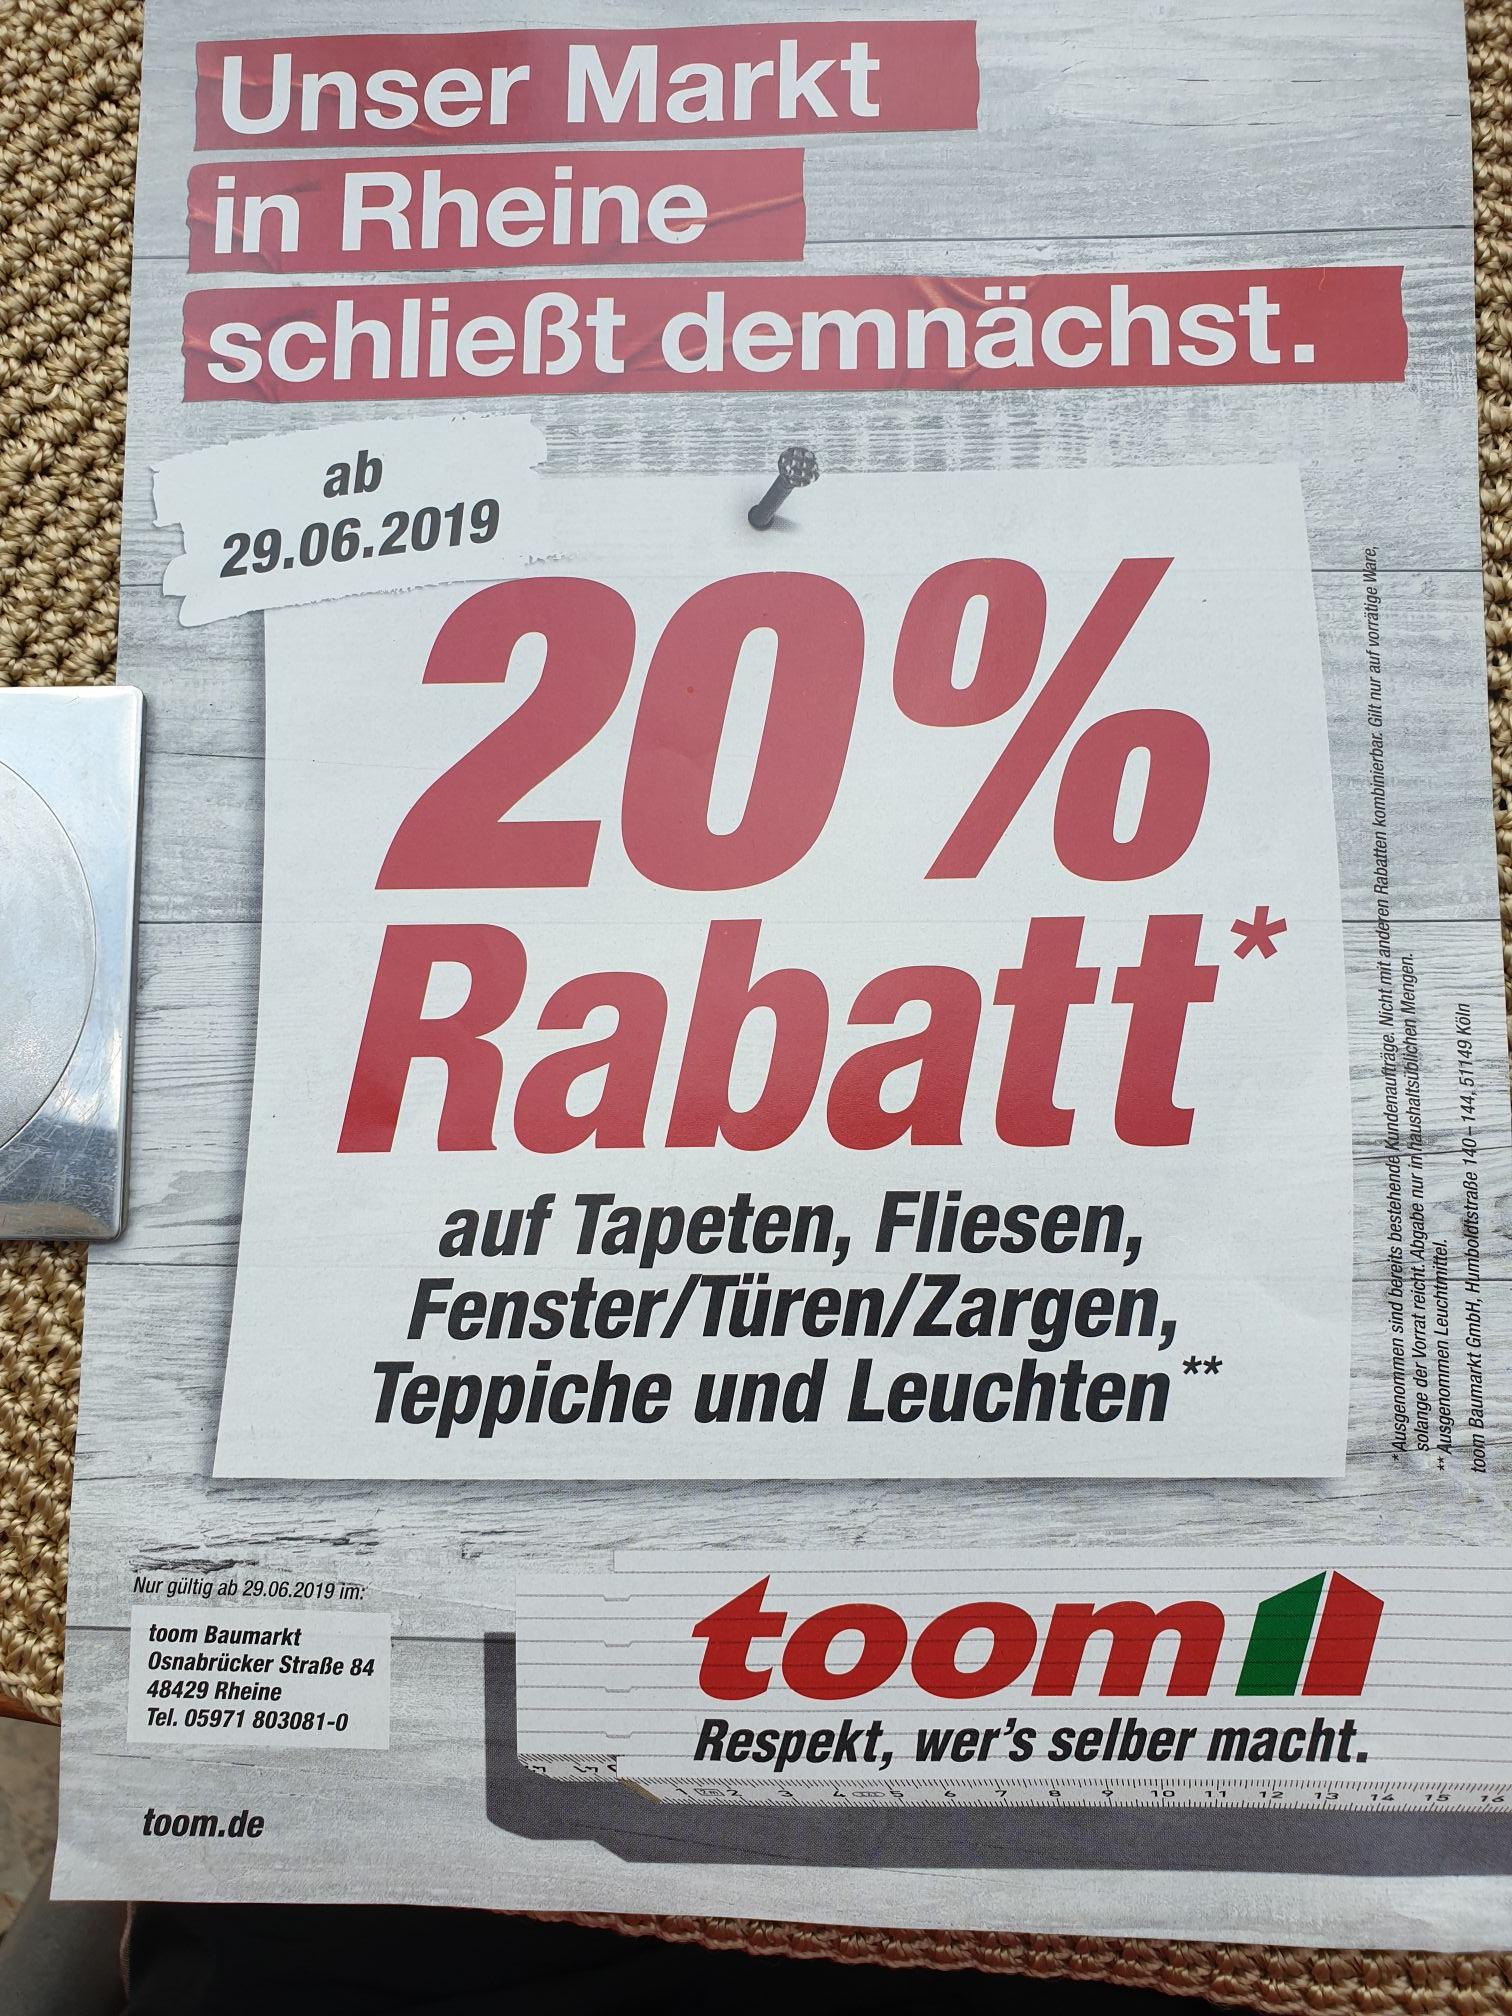 20% Rabatt auf Tapeten, Fliesen,  Fenster/Türen/Zargen  Teppiche und Leuchten; Toom Rheine schließt (lokal)